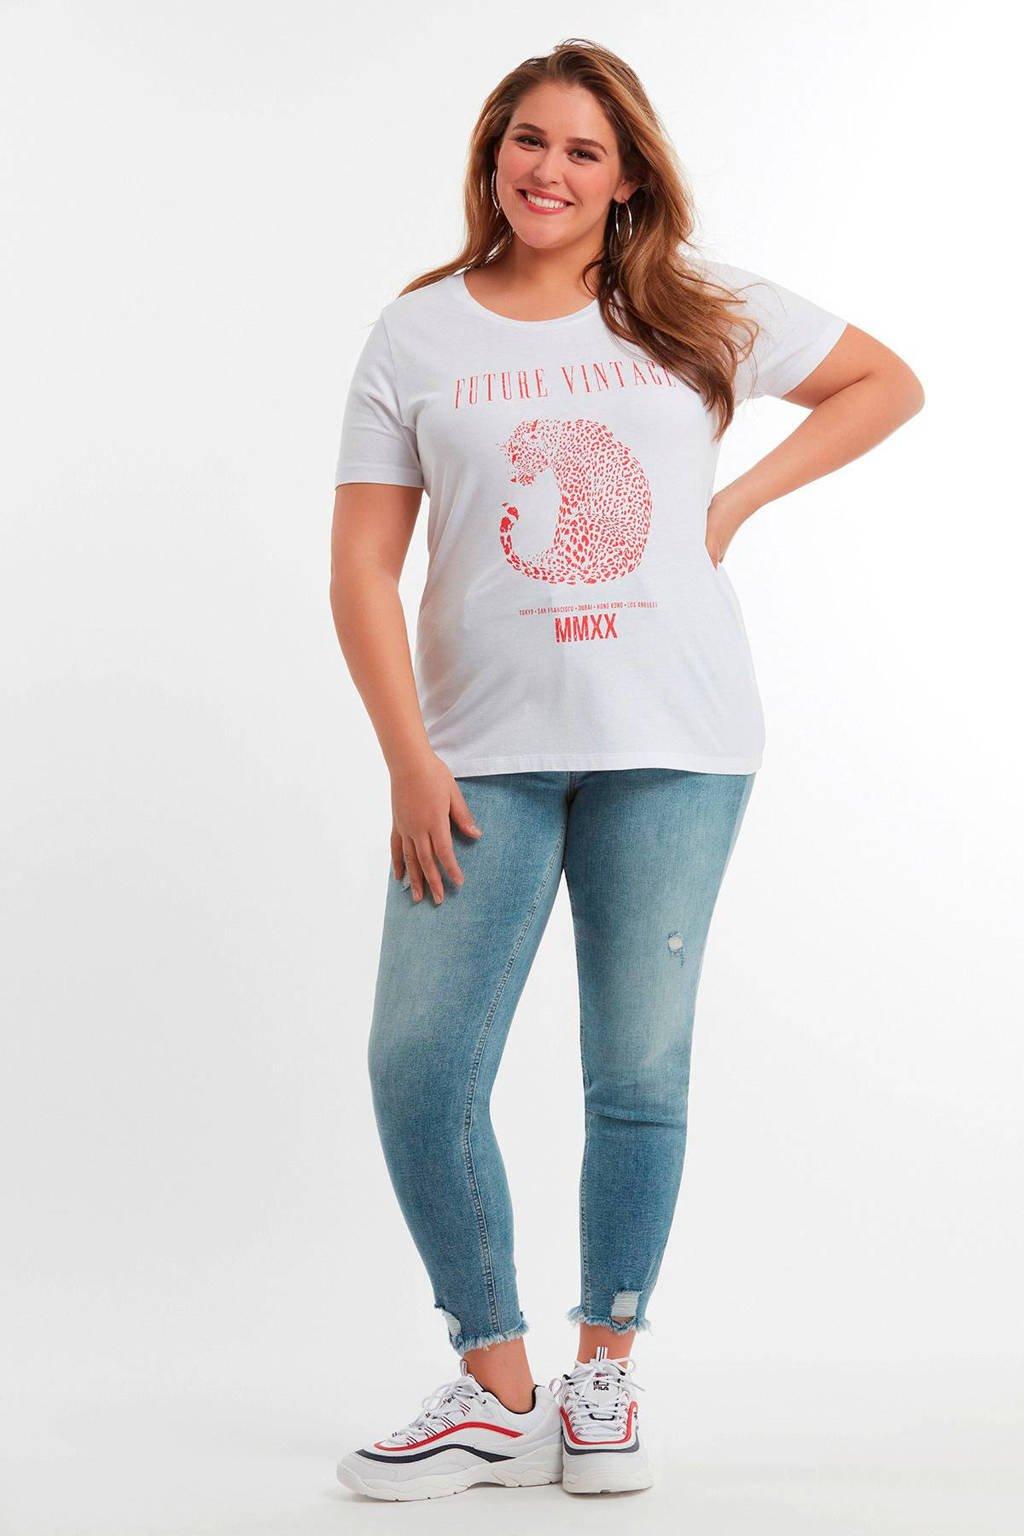 shirt Wit Ms Opdruk Modet Met Tqzzw0